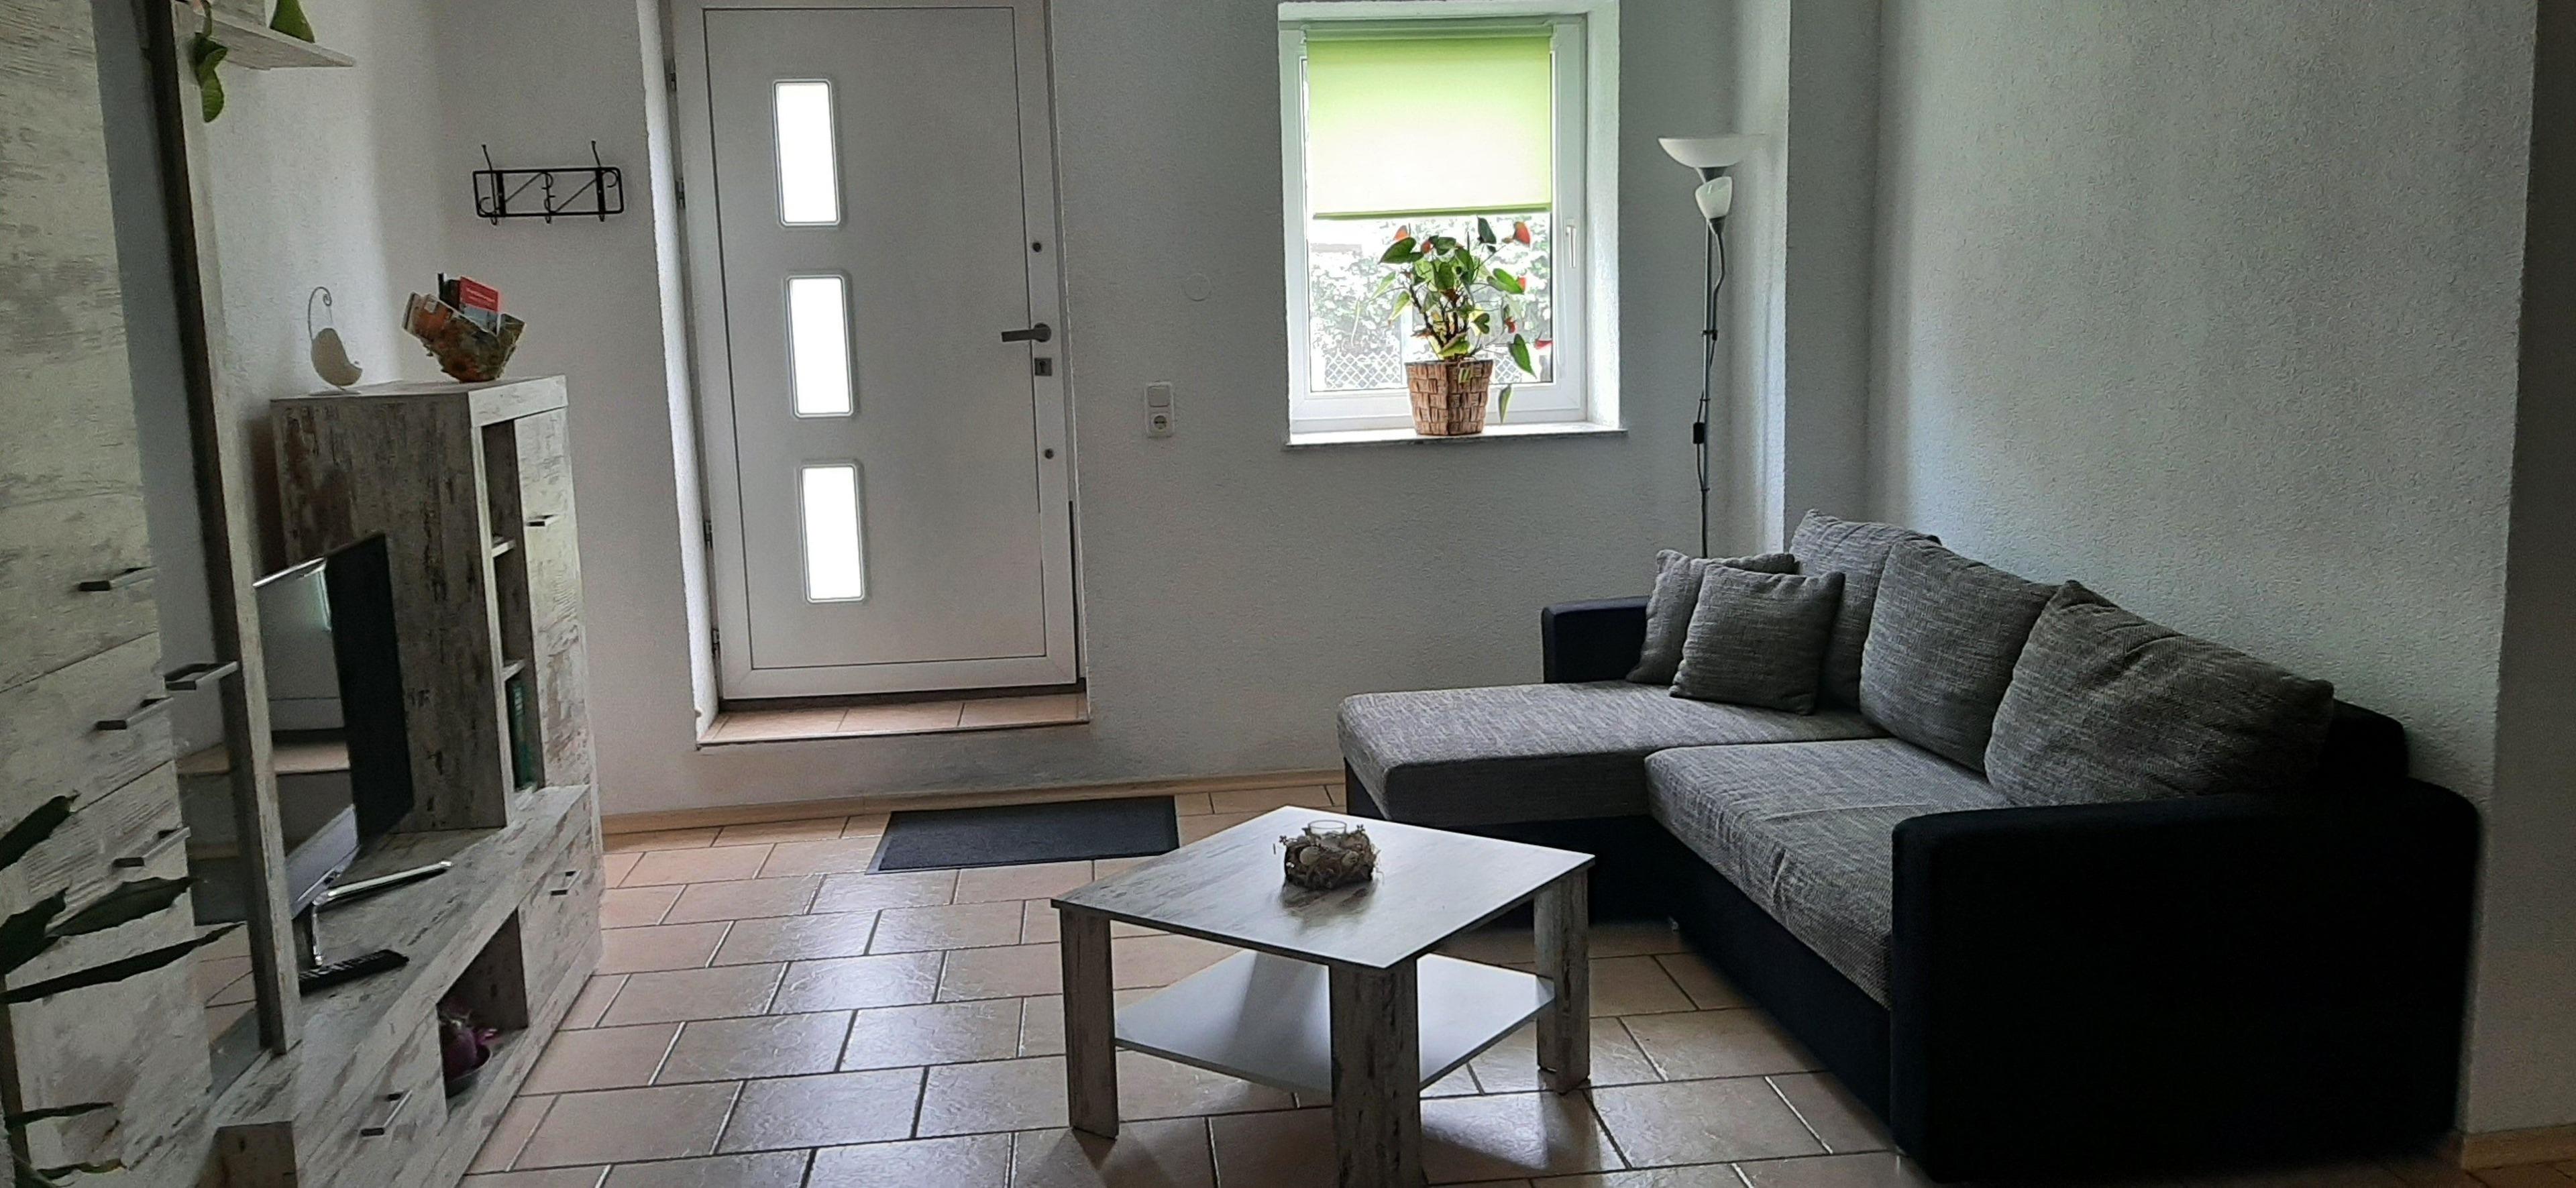 Feriendomizil Roger Wohnung 1 Ferienwohnung in Leipzig